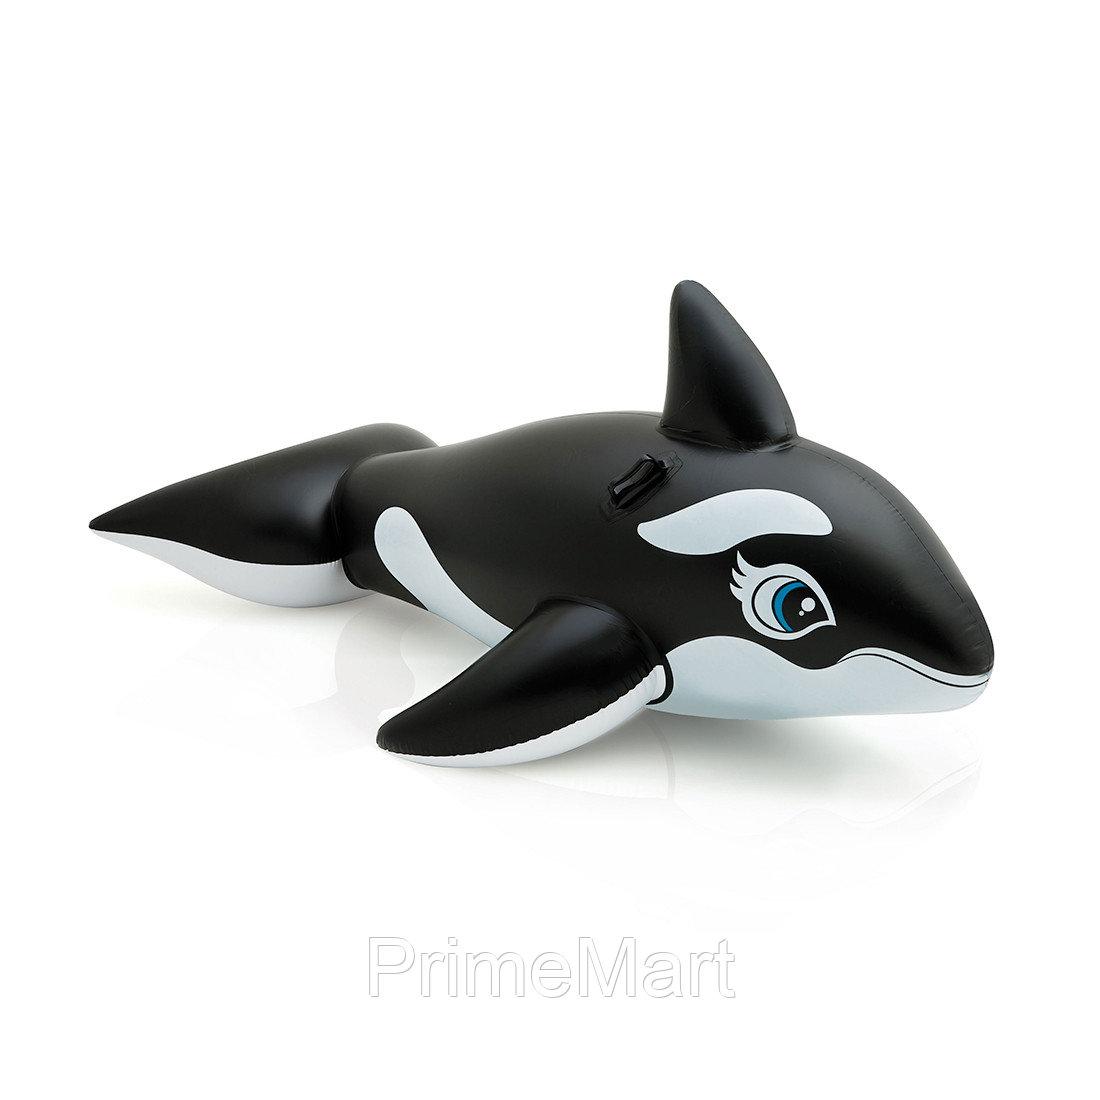 Надувная игрушка для катания верхом Касатка 193 х 119 см, INTEX, 58561NP, Винил, С ручками, Чёрно/белая, Цветная коробка